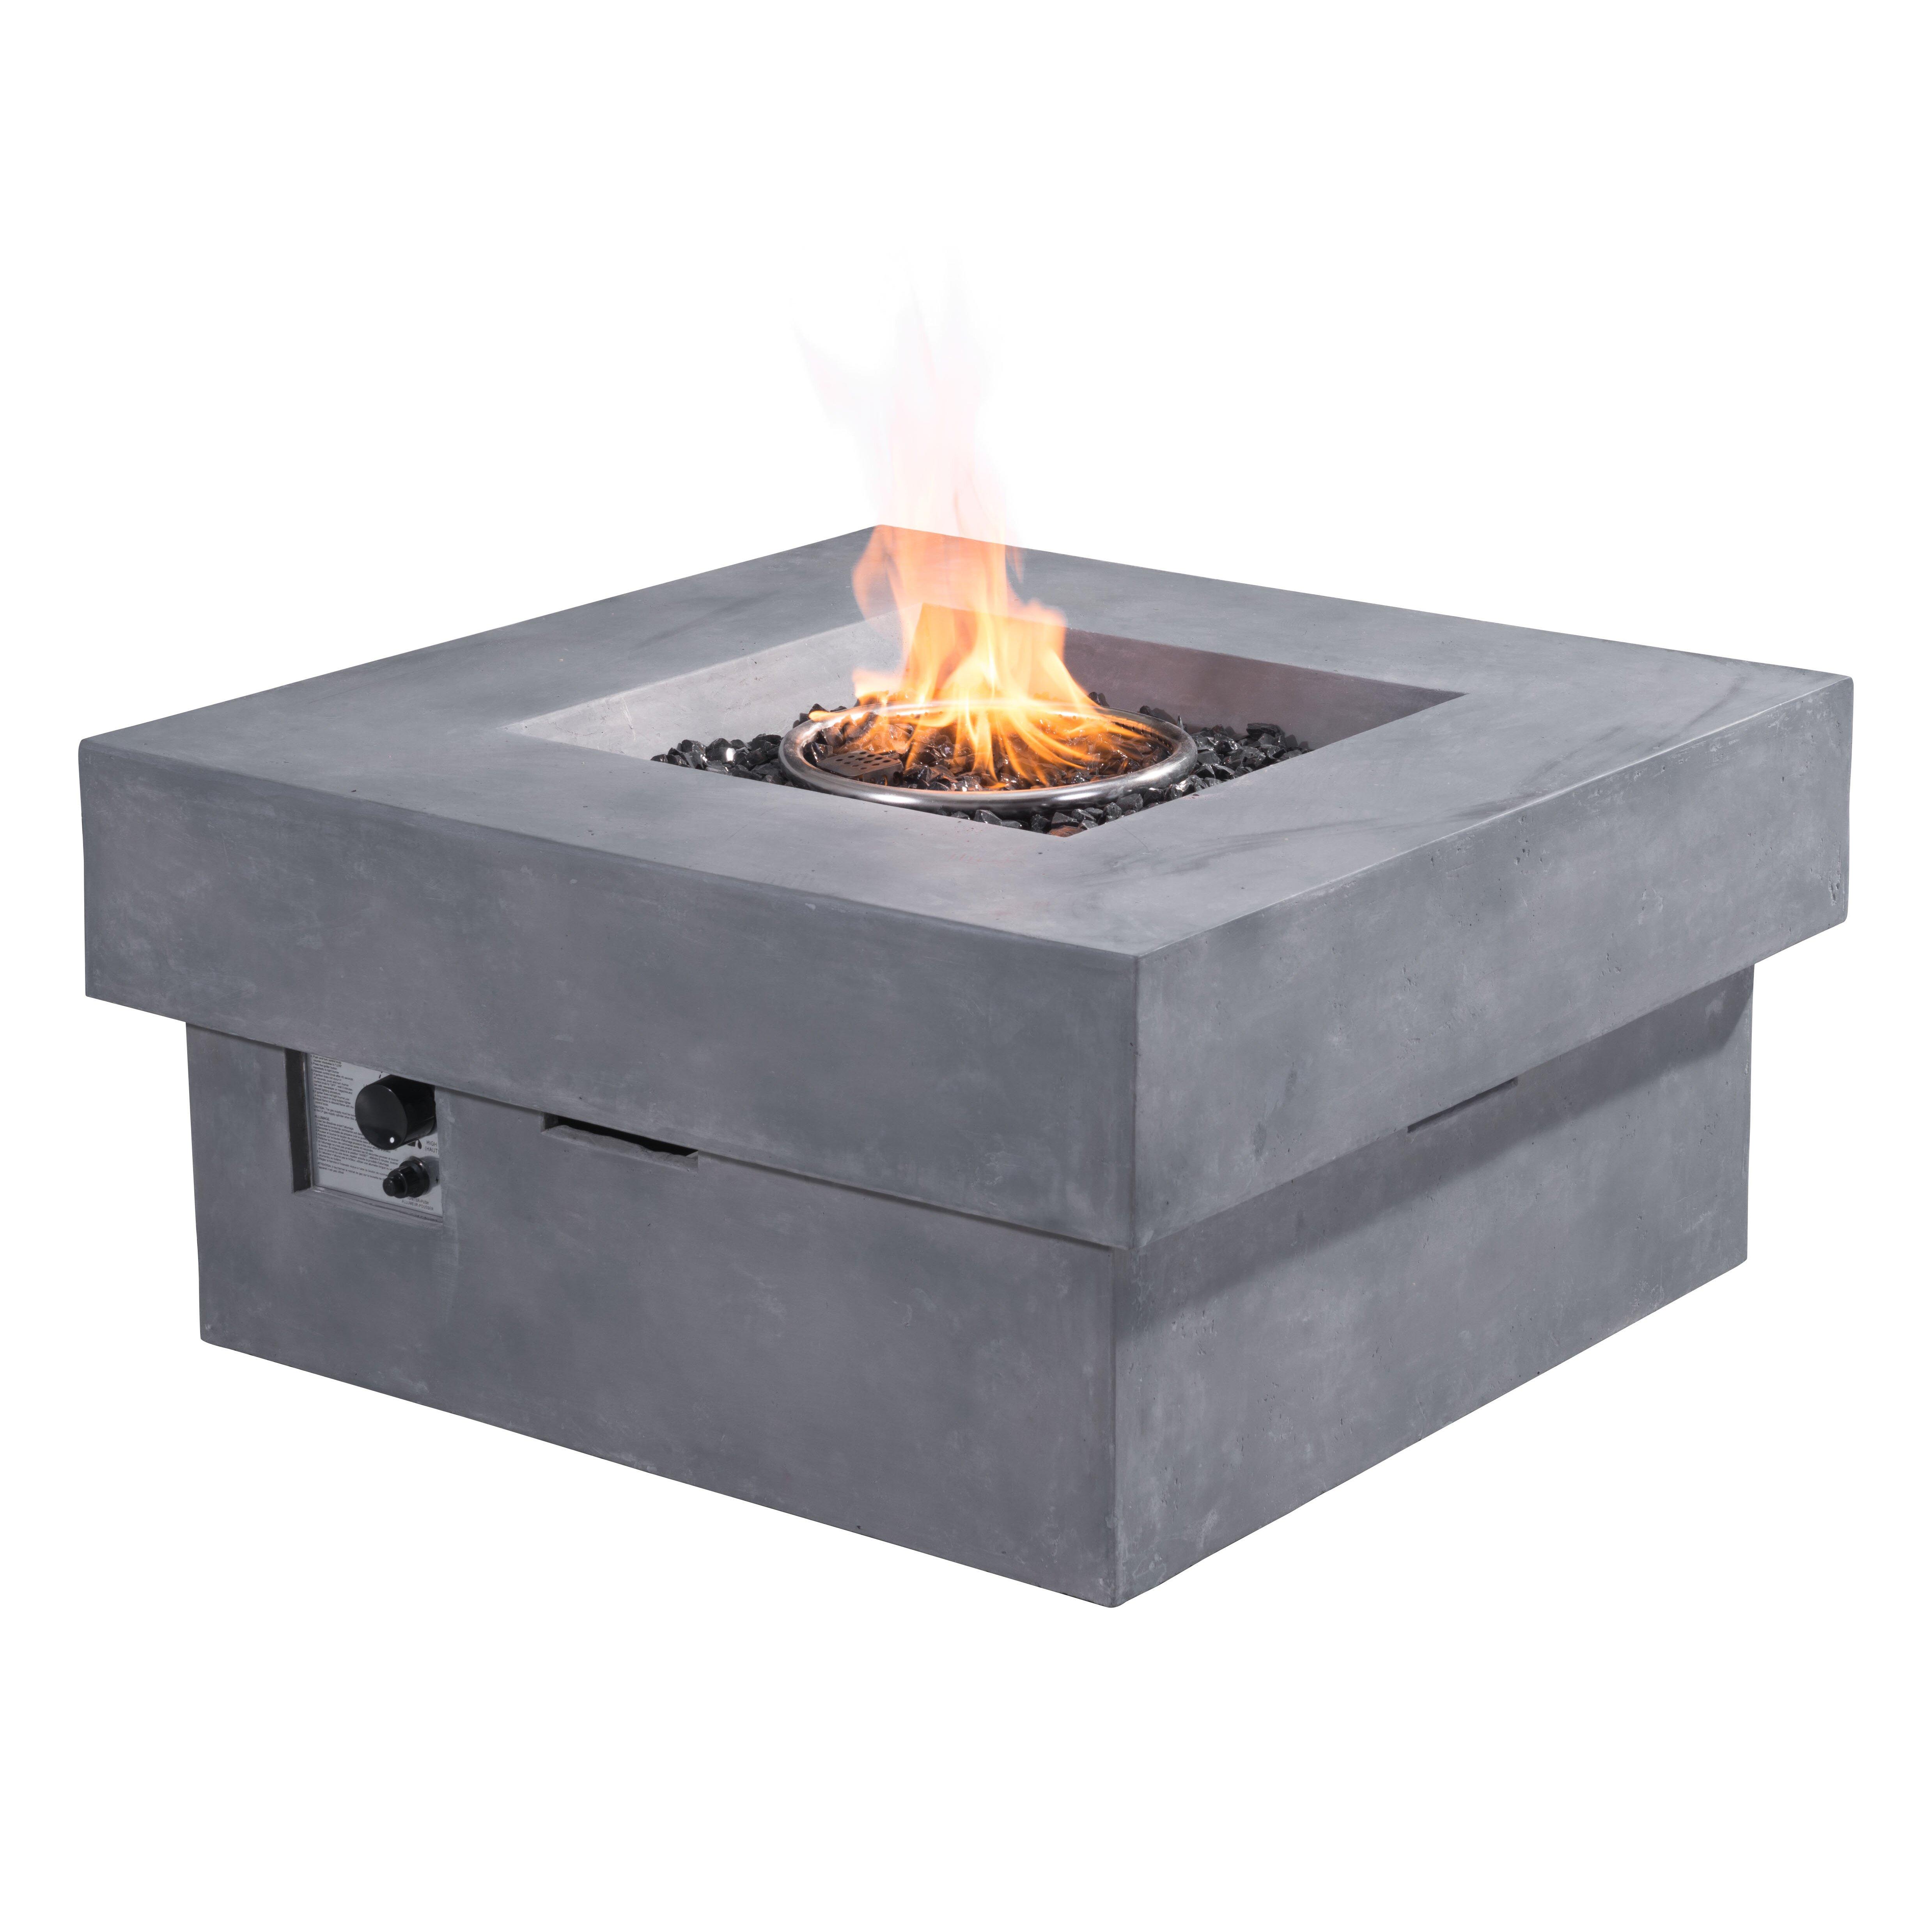 Zuo Modern Diablo Concrete Fiber Propane Fire Pit